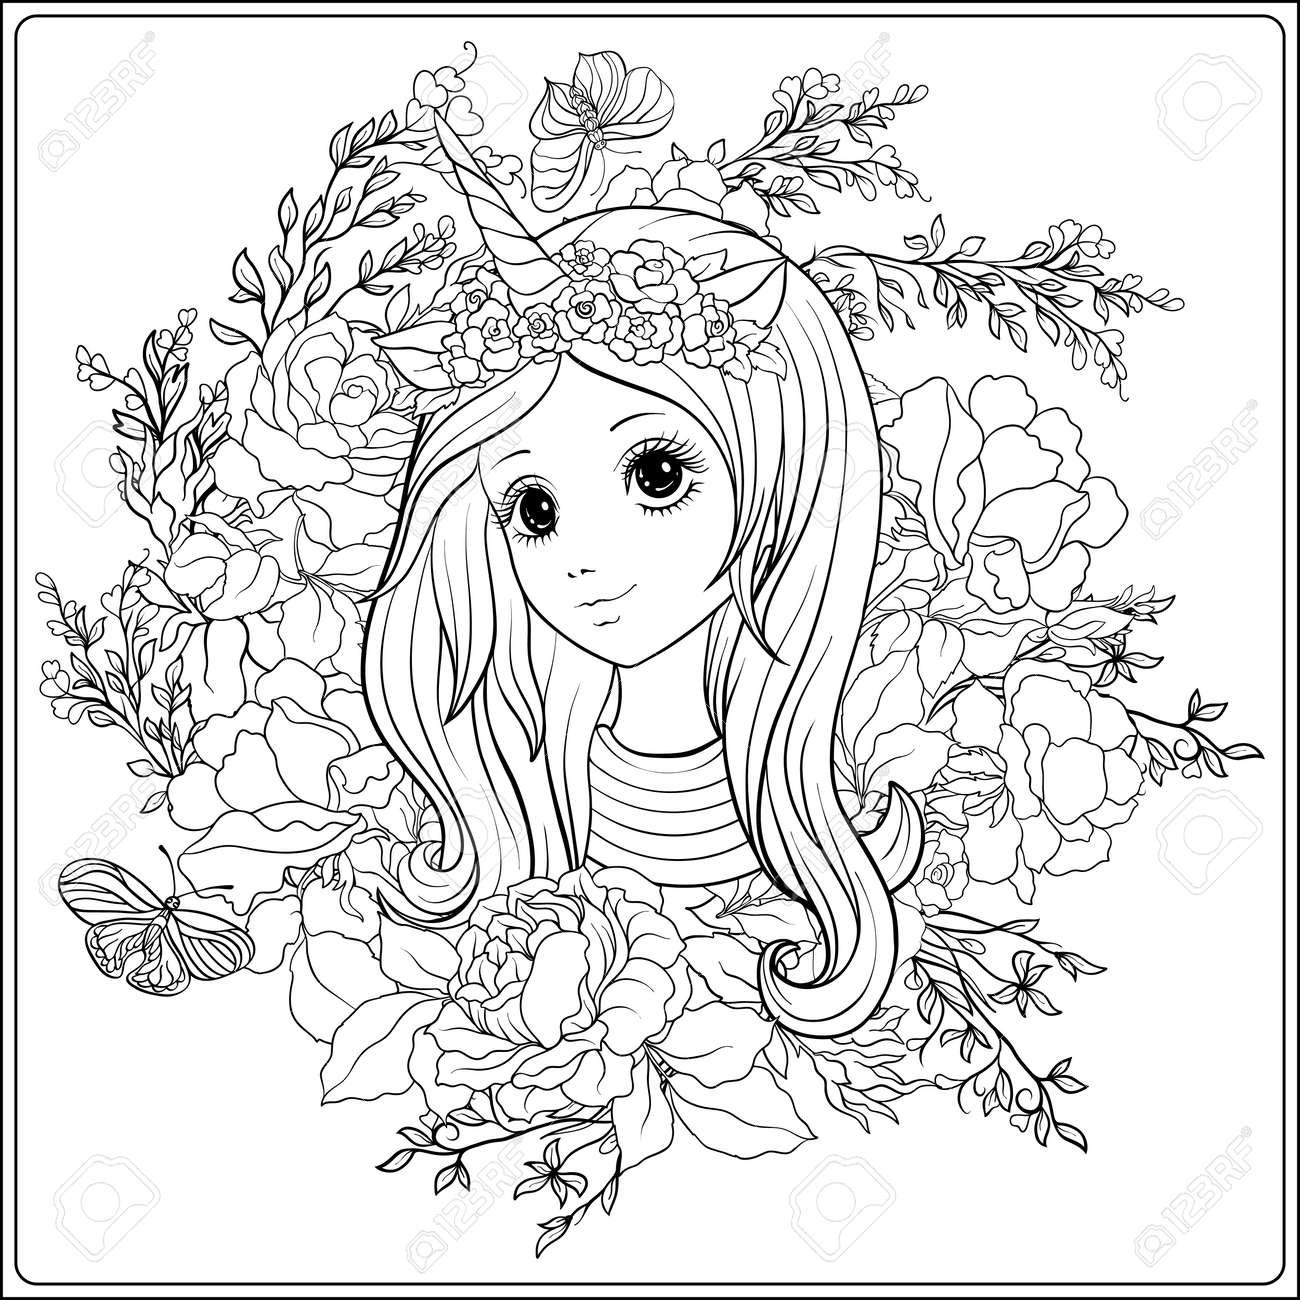 Muchacha Agradable Joven En Un Casquillo Con Un Cuerno Del Unicornio En El Jardín De Rosas Dibujo De Dibujo Para Colorear Libro De Colorear Para